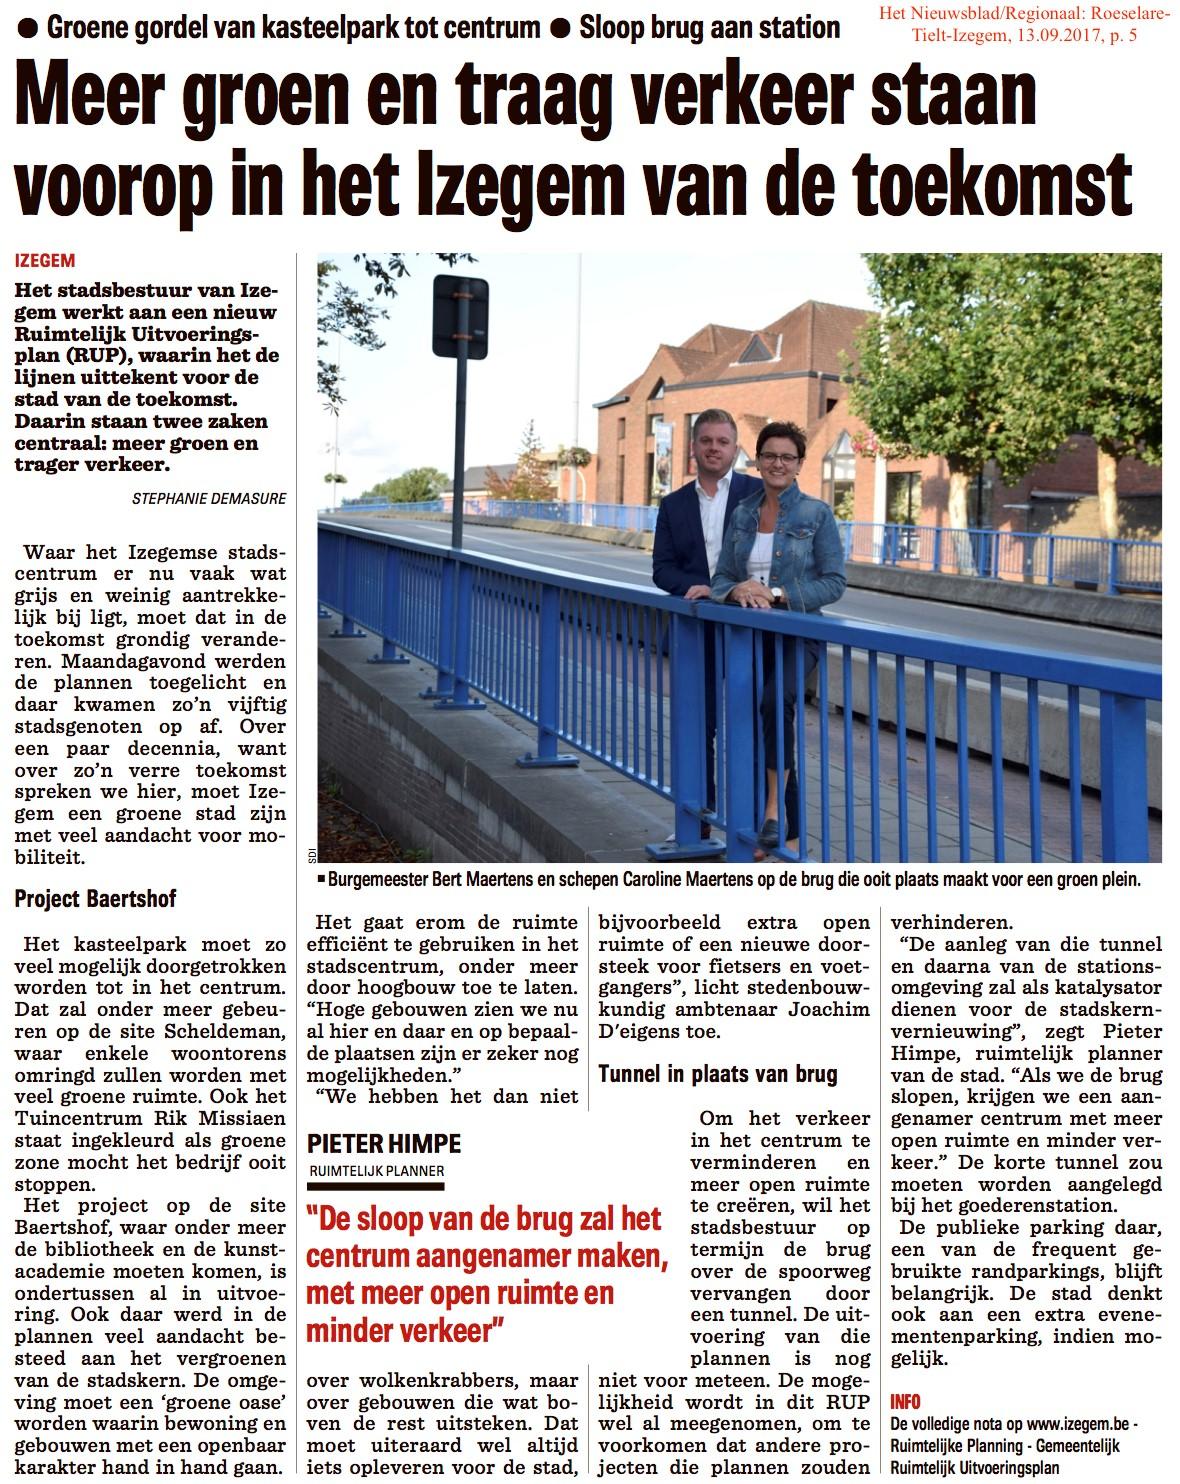 Het Nieuwsblad/Regionaal: Roeselare-Tielt-Izegem, 13.09.2017, p. 5